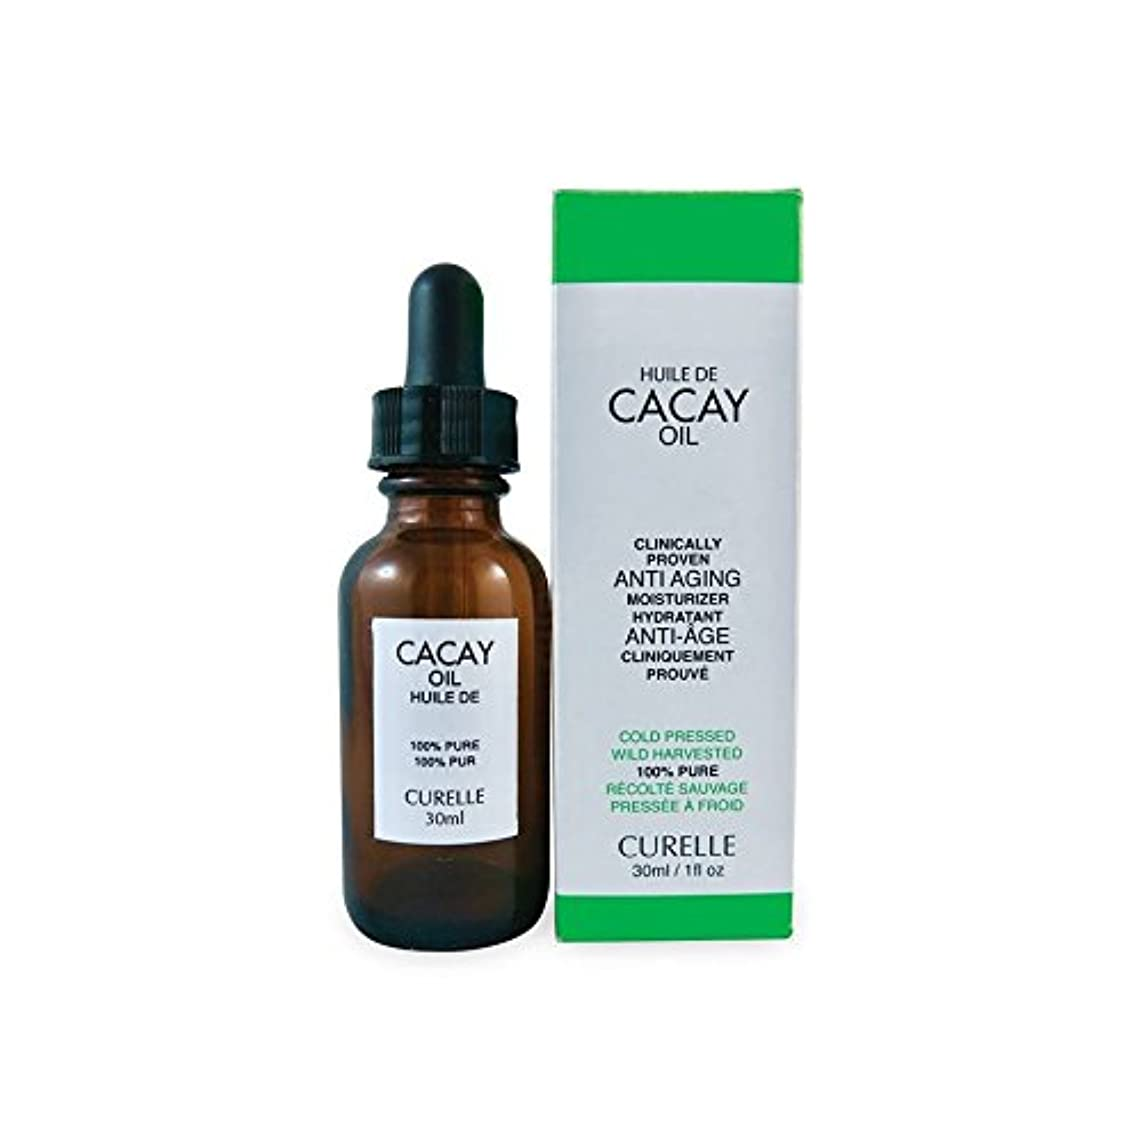 原始的な皮肉収益カカイオイル 100%ピュア コールドプレス 100% Pure Cold Pressed Cacay Oil